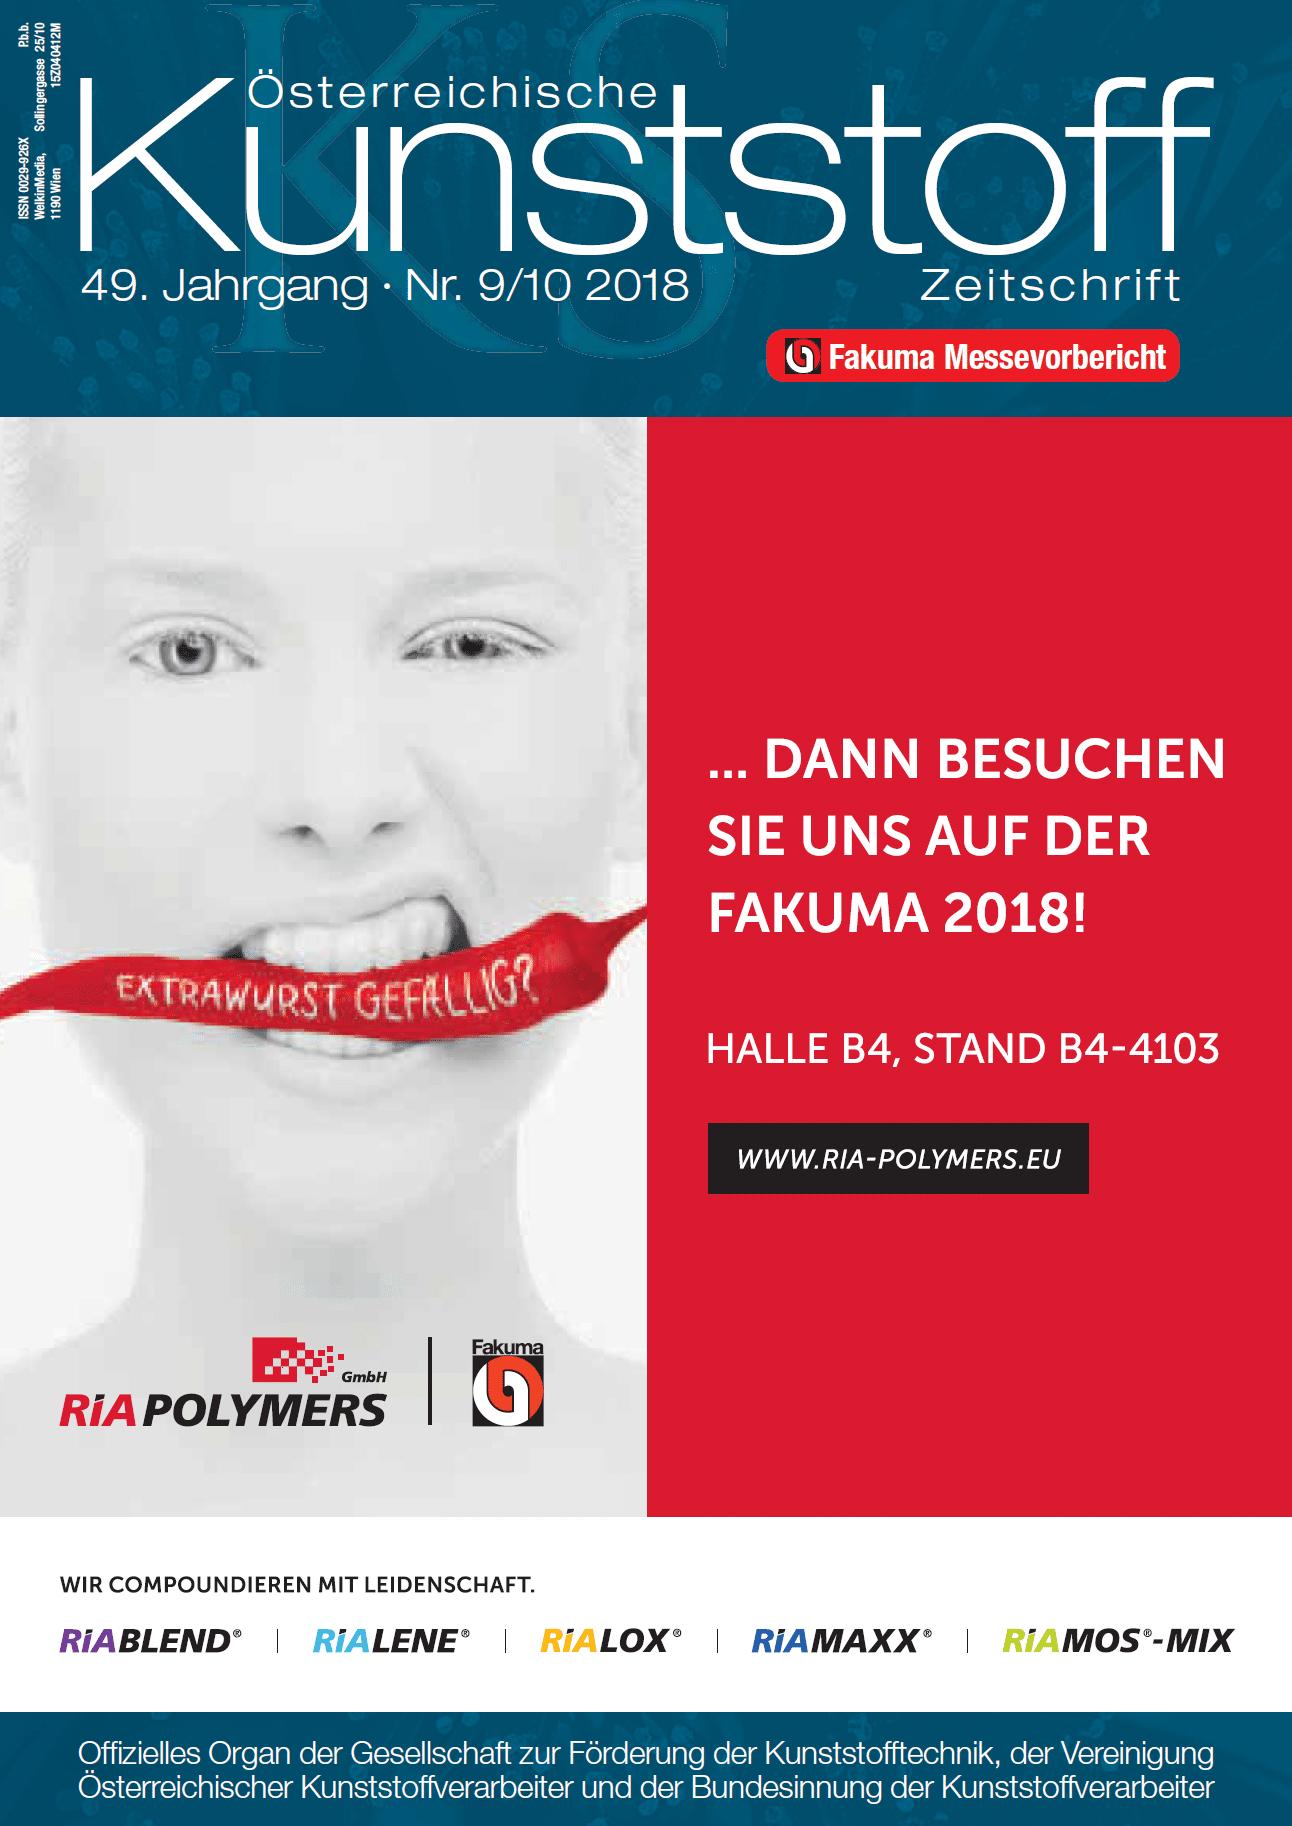 Österreichische Kunststoffzeitschrift 09/10 2018